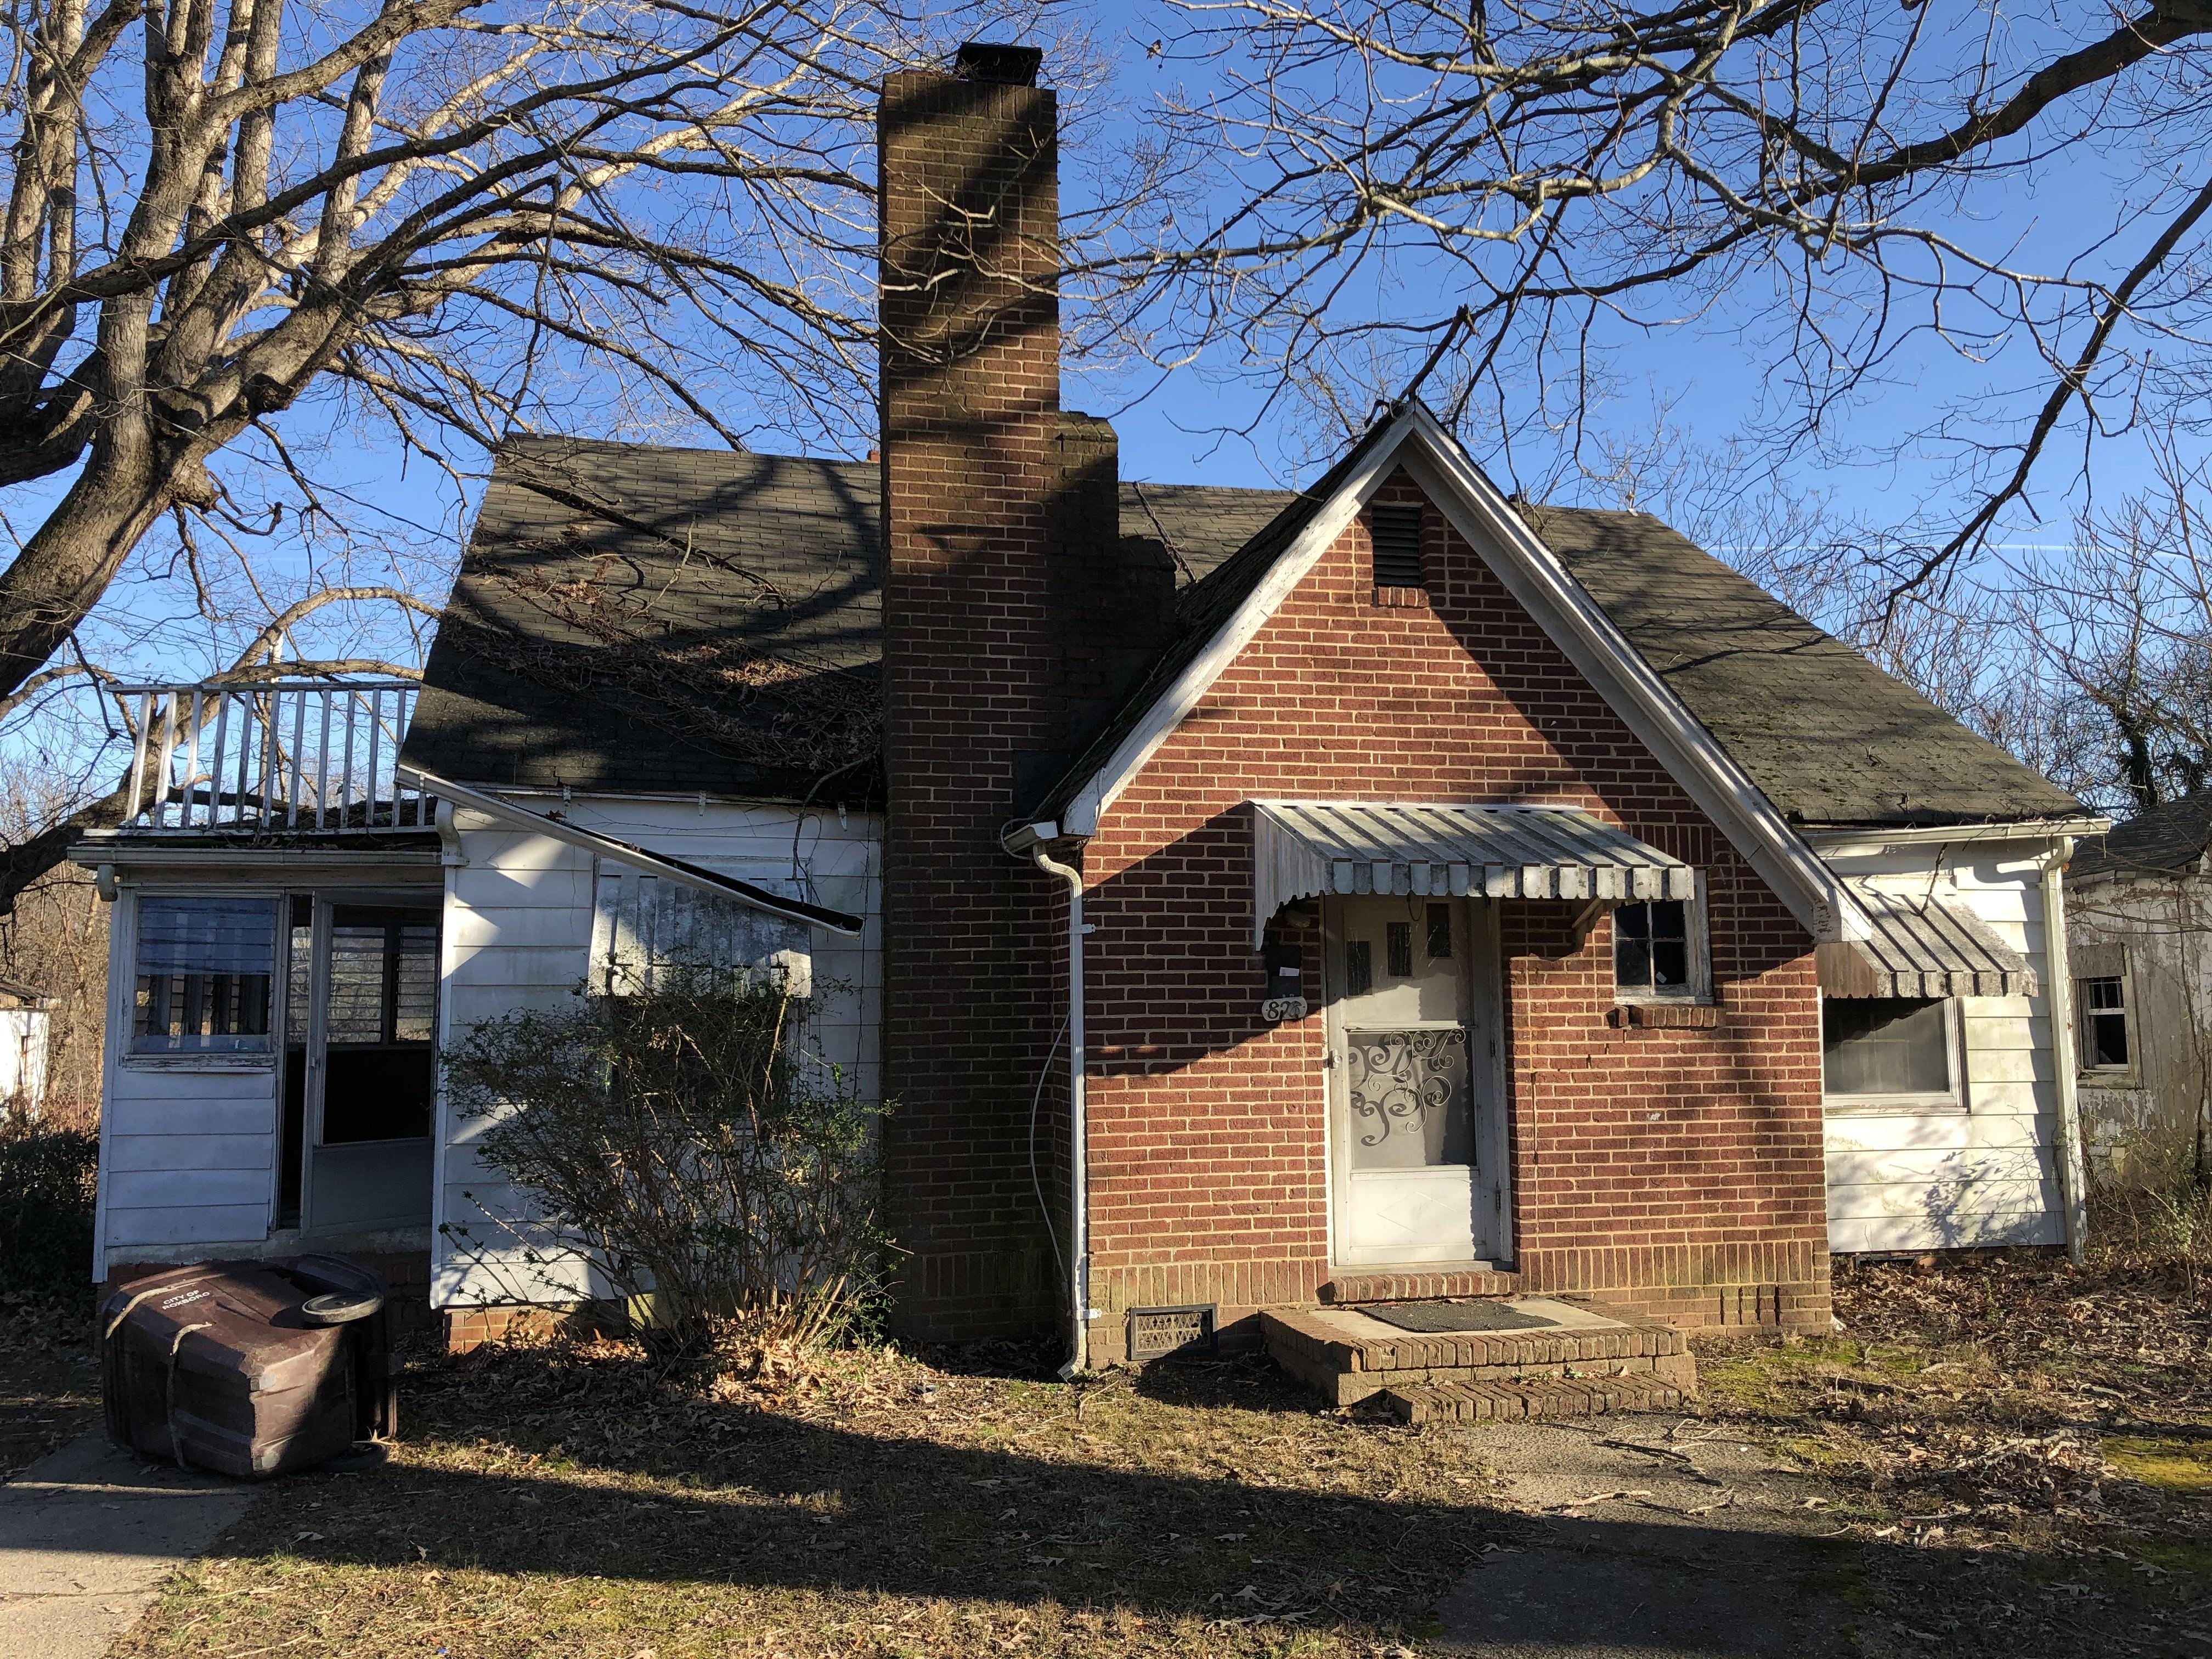 826 S Main St, Roxboro, NC